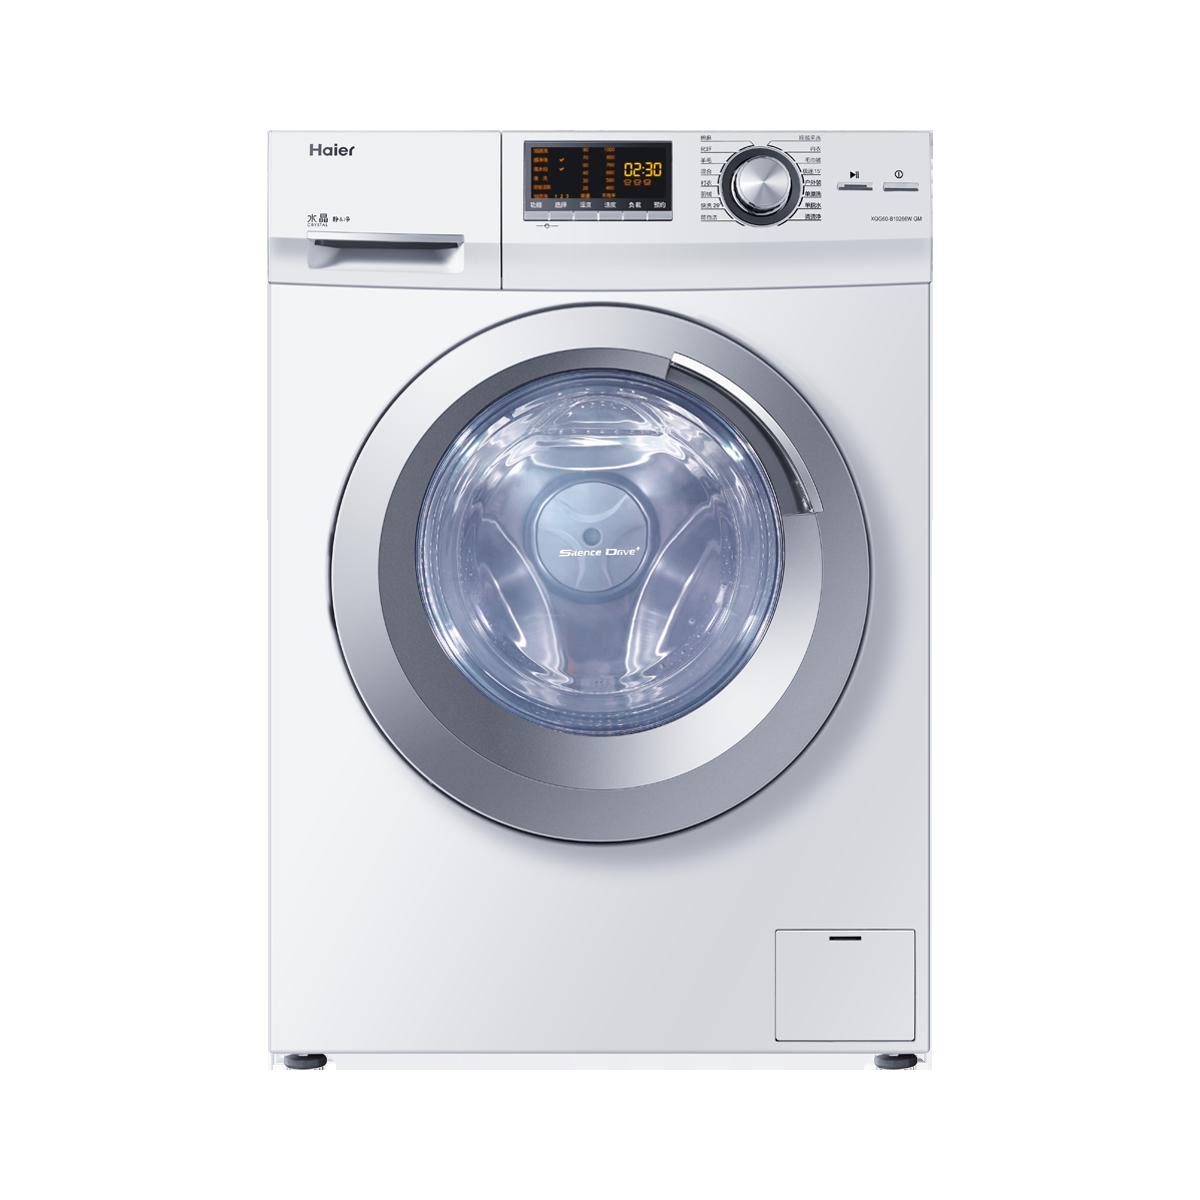 海尔Haier洗衣机 XQG60-B10266W(GM) 说明书